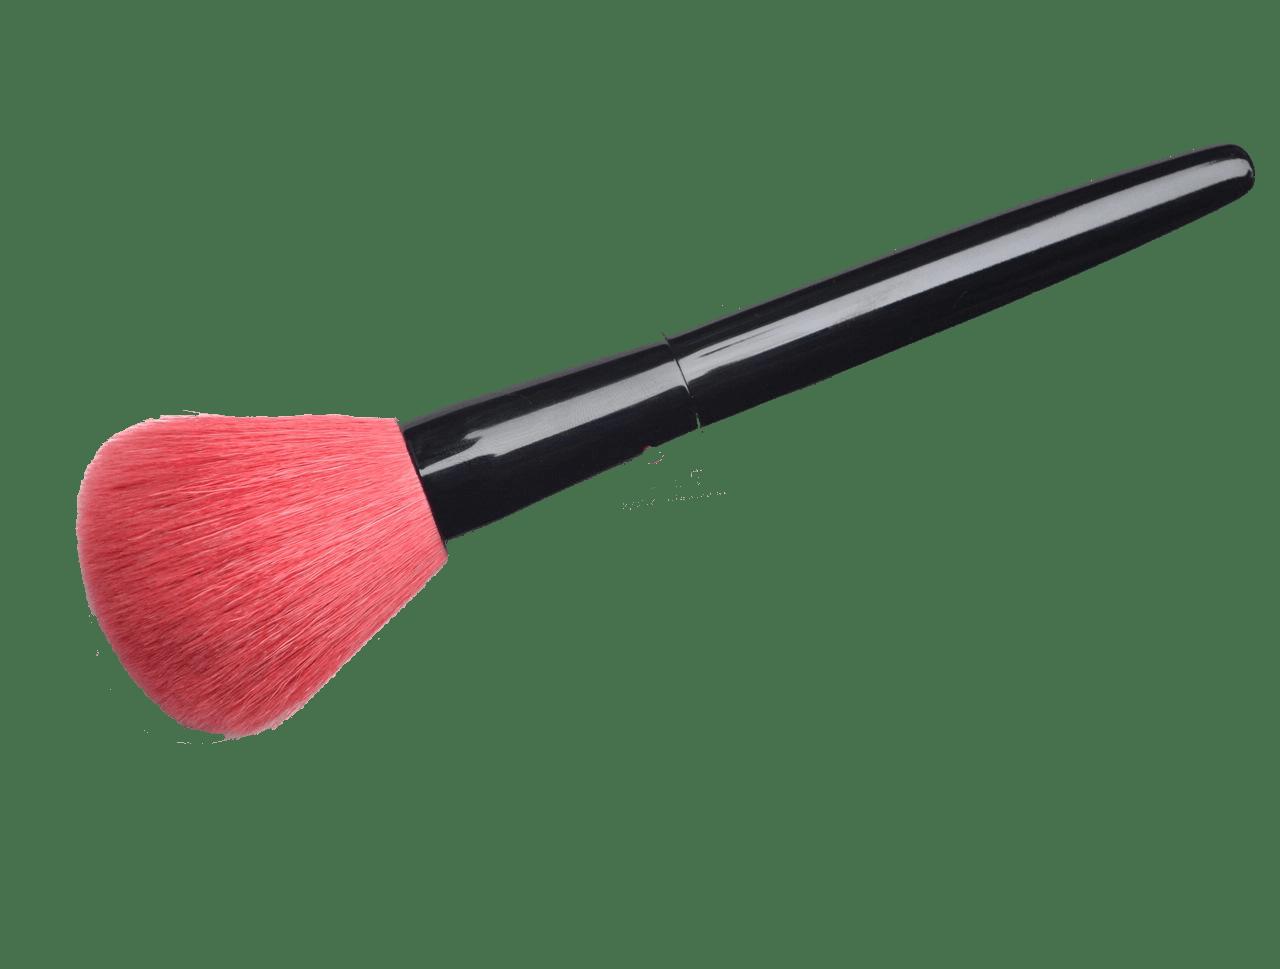 makeup brush vector - photo #37